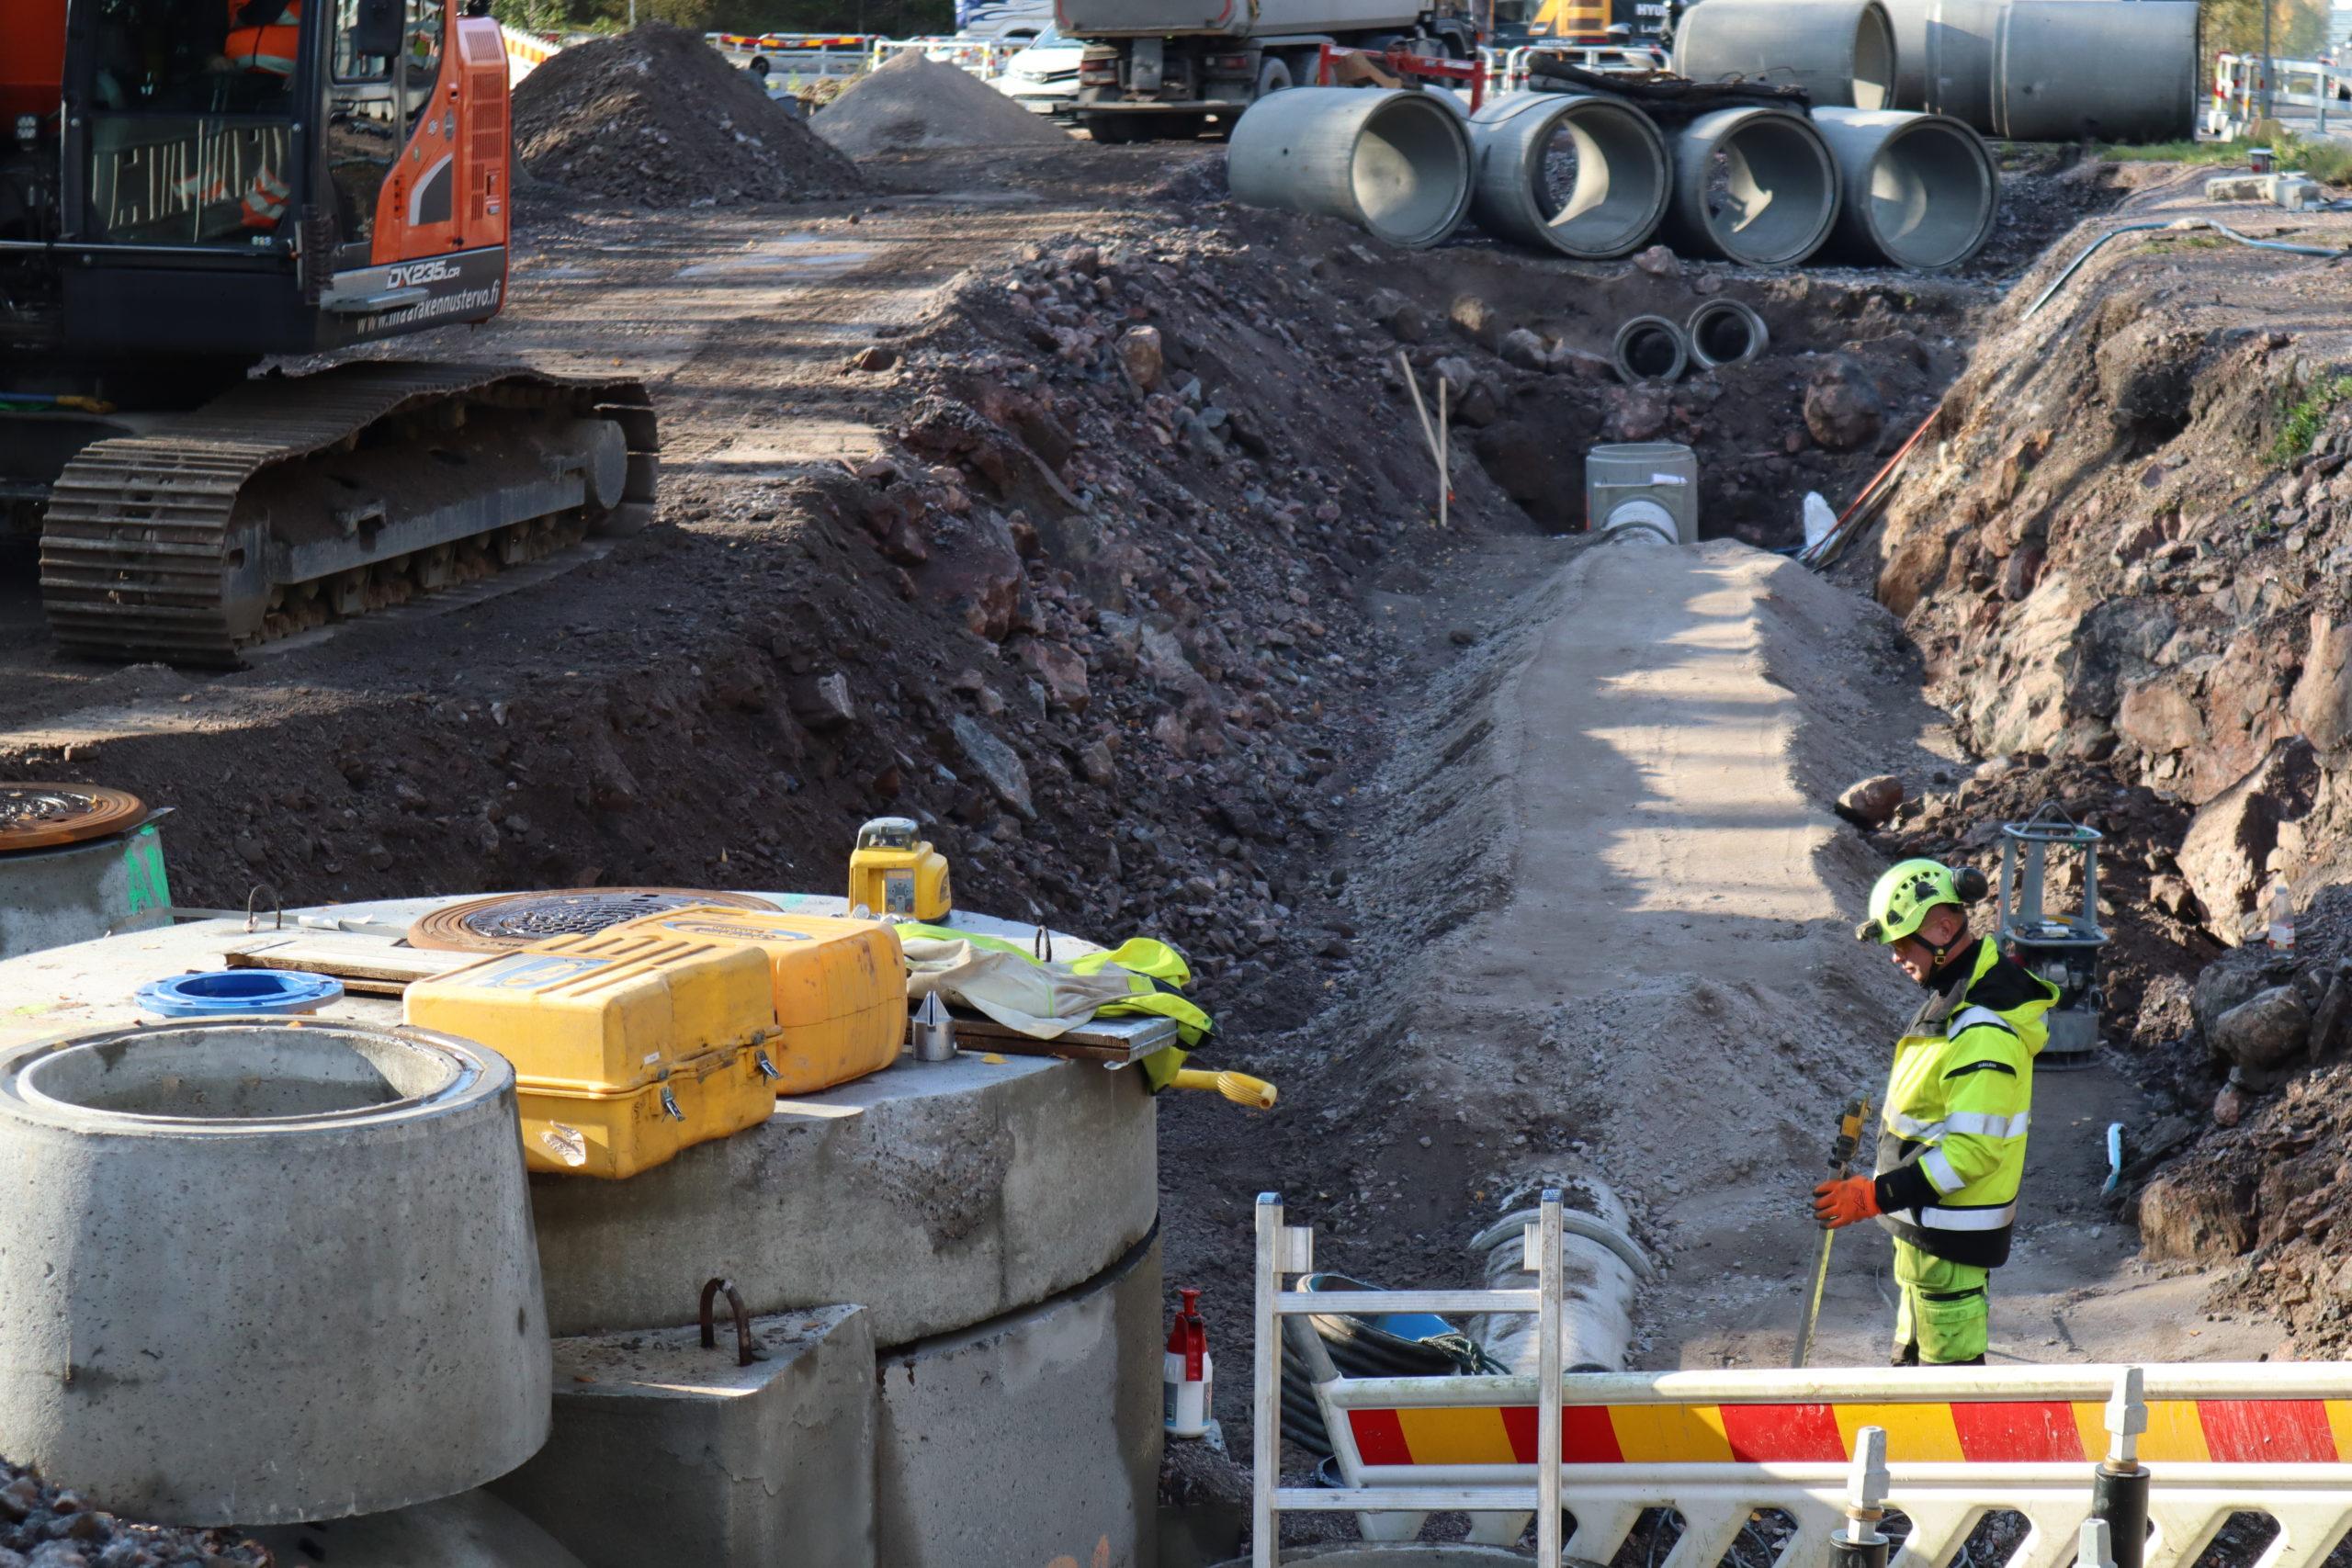 Vesihuoltotöitä Viilarintien ja Mylllärintien risteyksessä Helsingissä